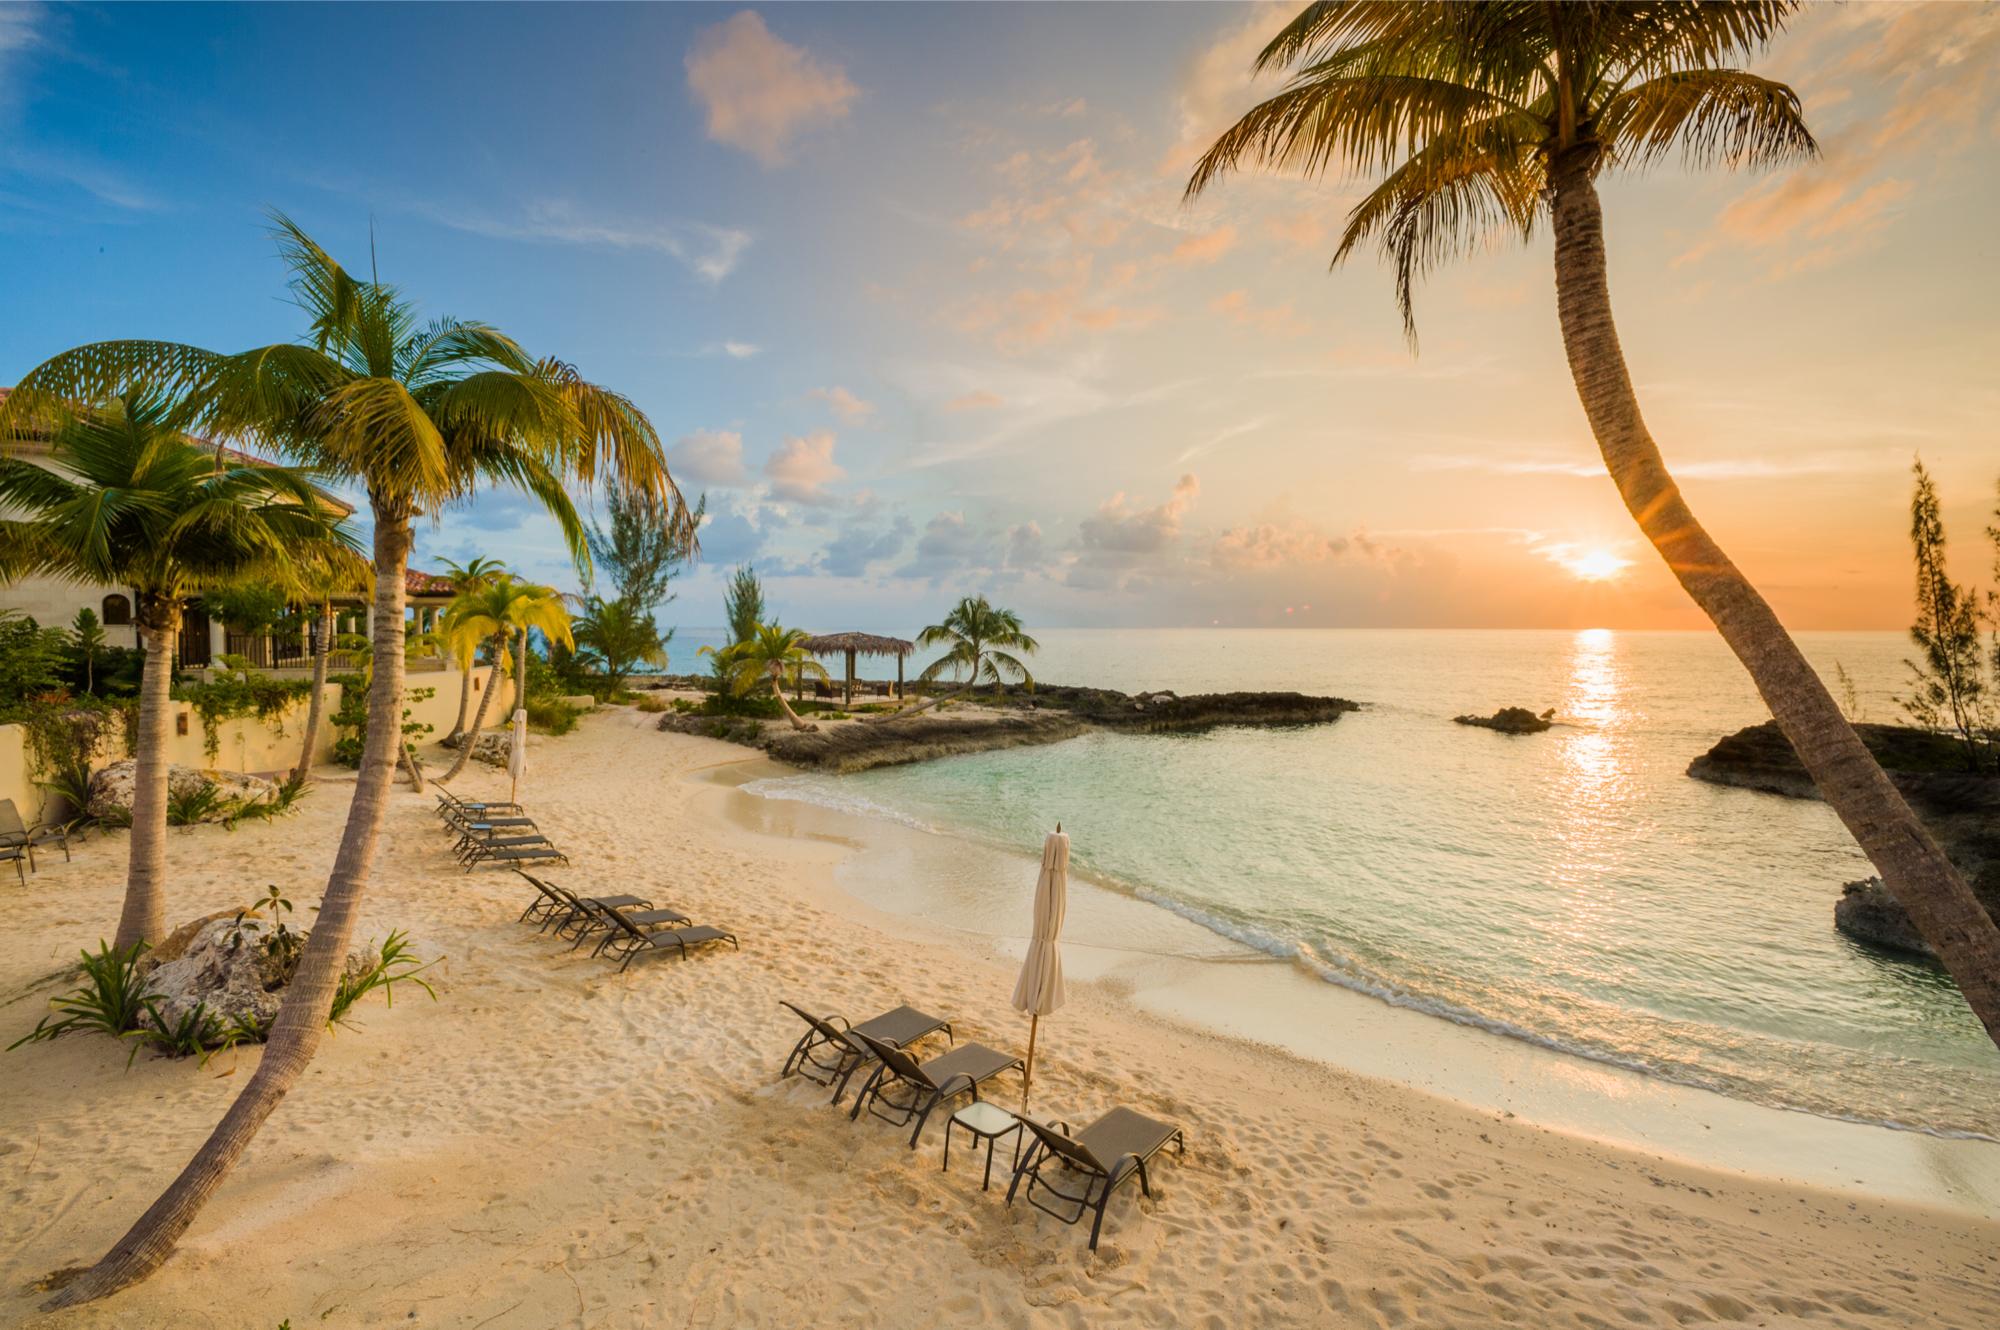 Private Beach in Cayman Islands. winter destinations